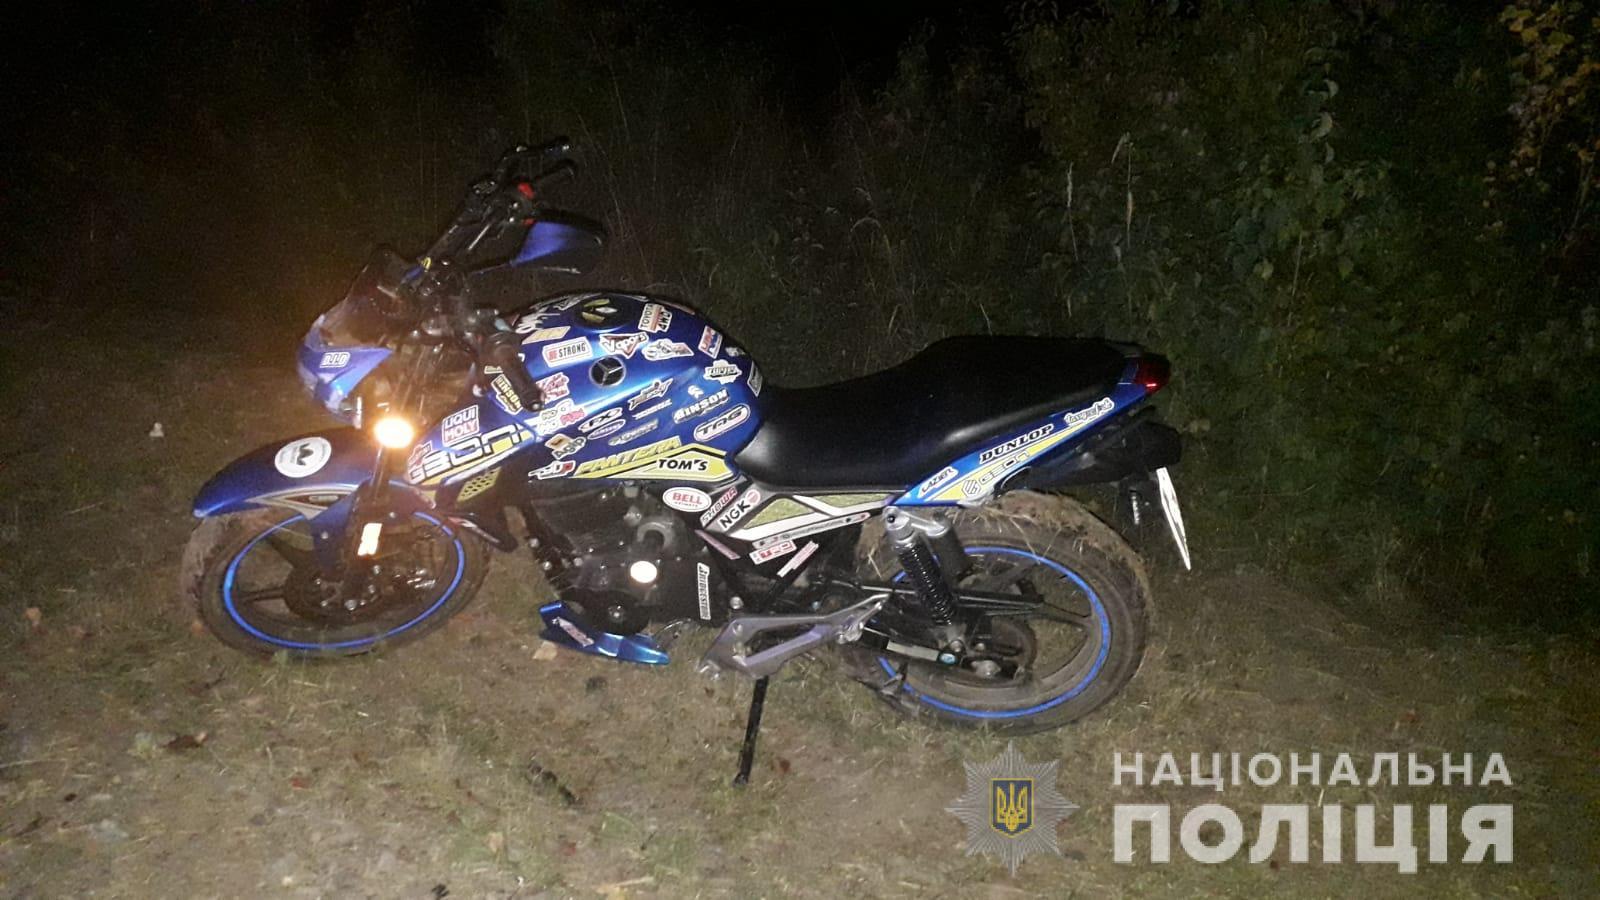 На Берегівщині мотоцикліст збив неповнолітню дівчину. Постраждала – з важкими травмами у реанімації